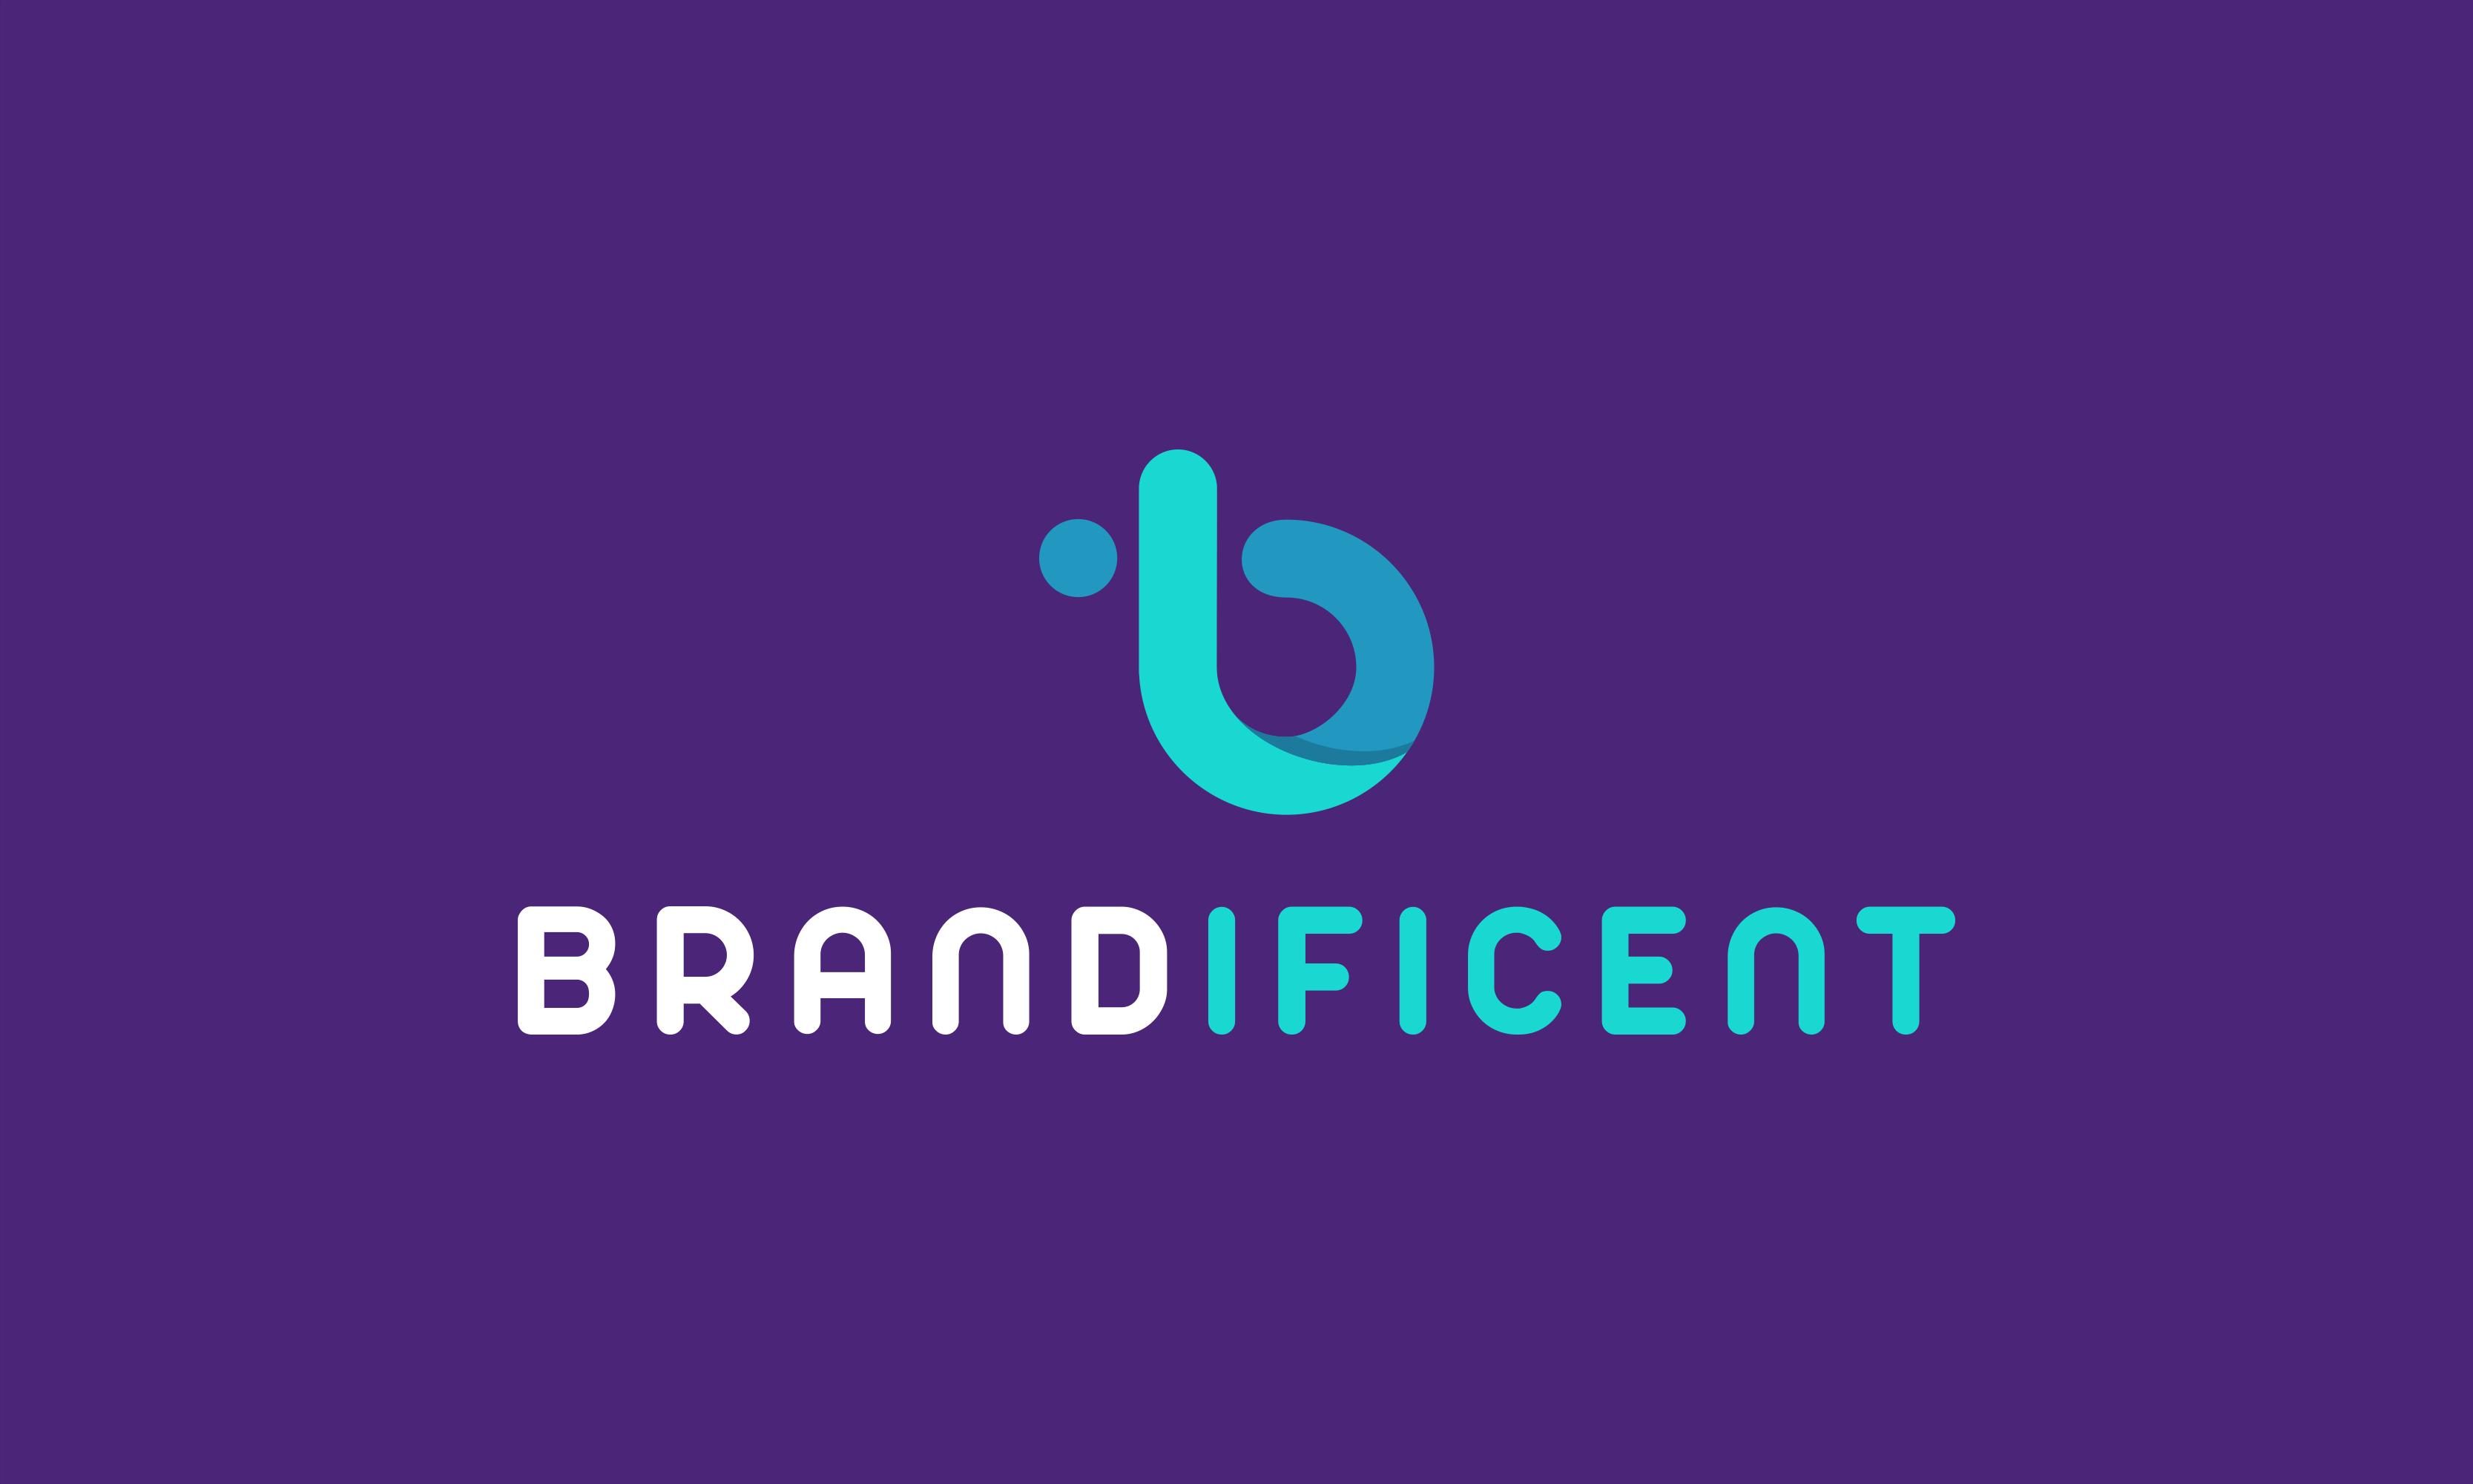 brandificent logo